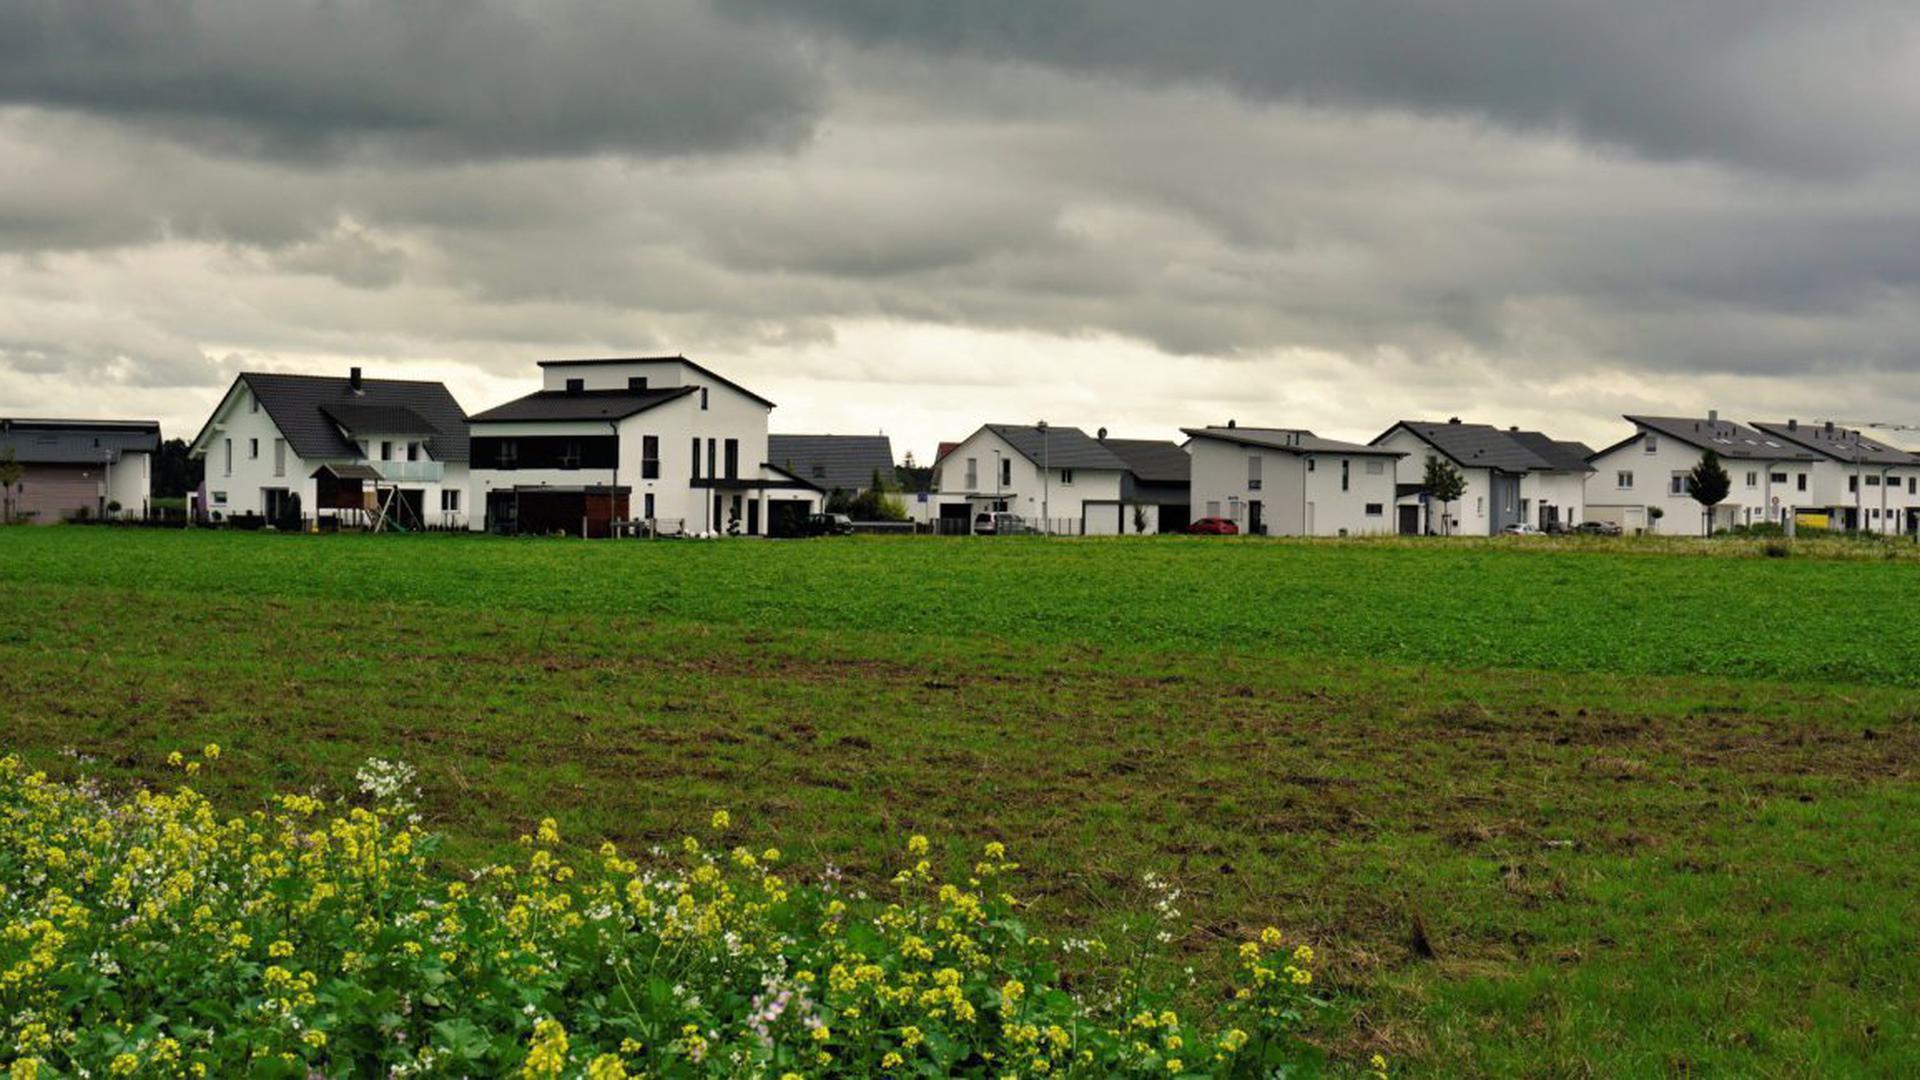 Dunkle Wolken über Hügelsheim: Im Neubaugebiet wurde PFC auf einzelnen Grundstücken gefunden.